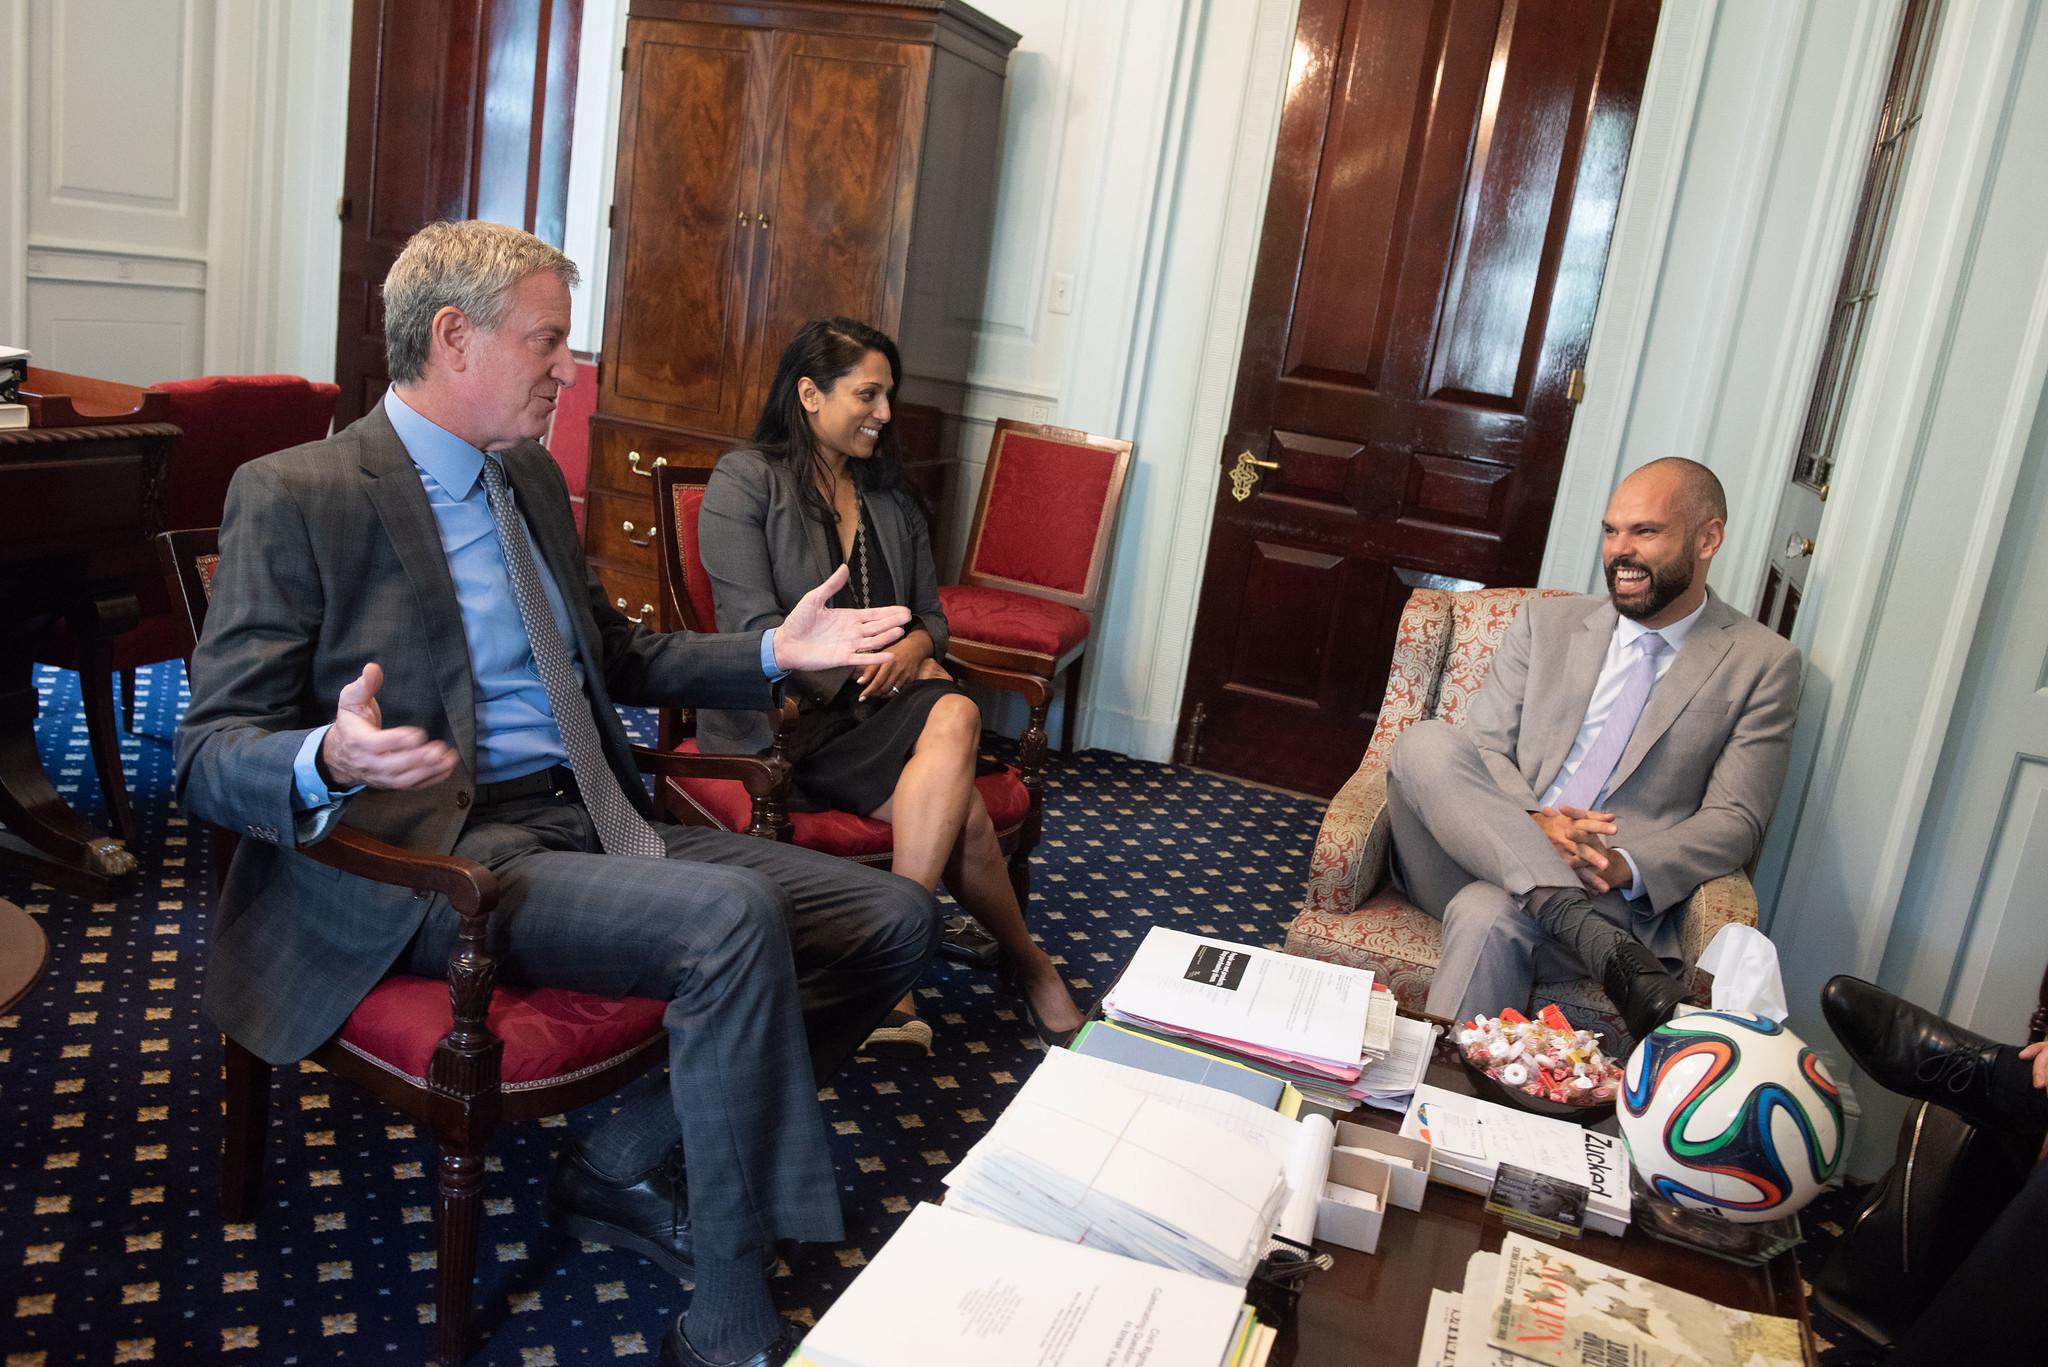 O Prefeito Bill de Blasio se reúne com o prefeito de São Paulo, Bruno Covas, na prefeitura, na terça-feira, 16 de julho de 2019. Michael Appleton / Gabinete de Fotografia da Prefeitura